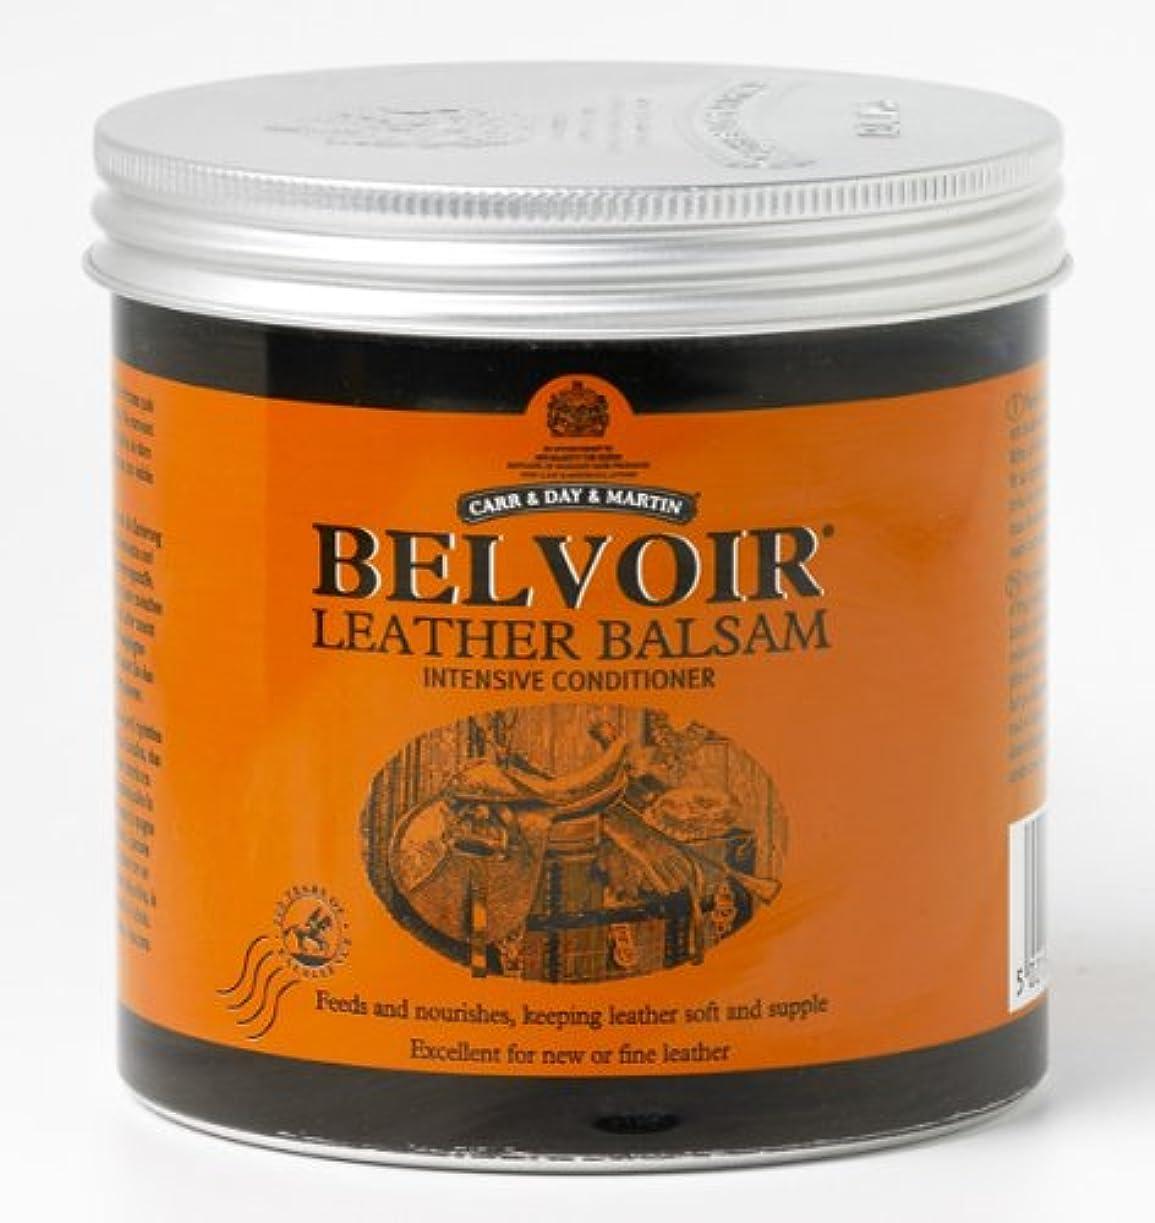 敬感謝祭セットアップCarr And Day And Martin Belvoir Leather Balsam Intensive Conditioner - Orange,